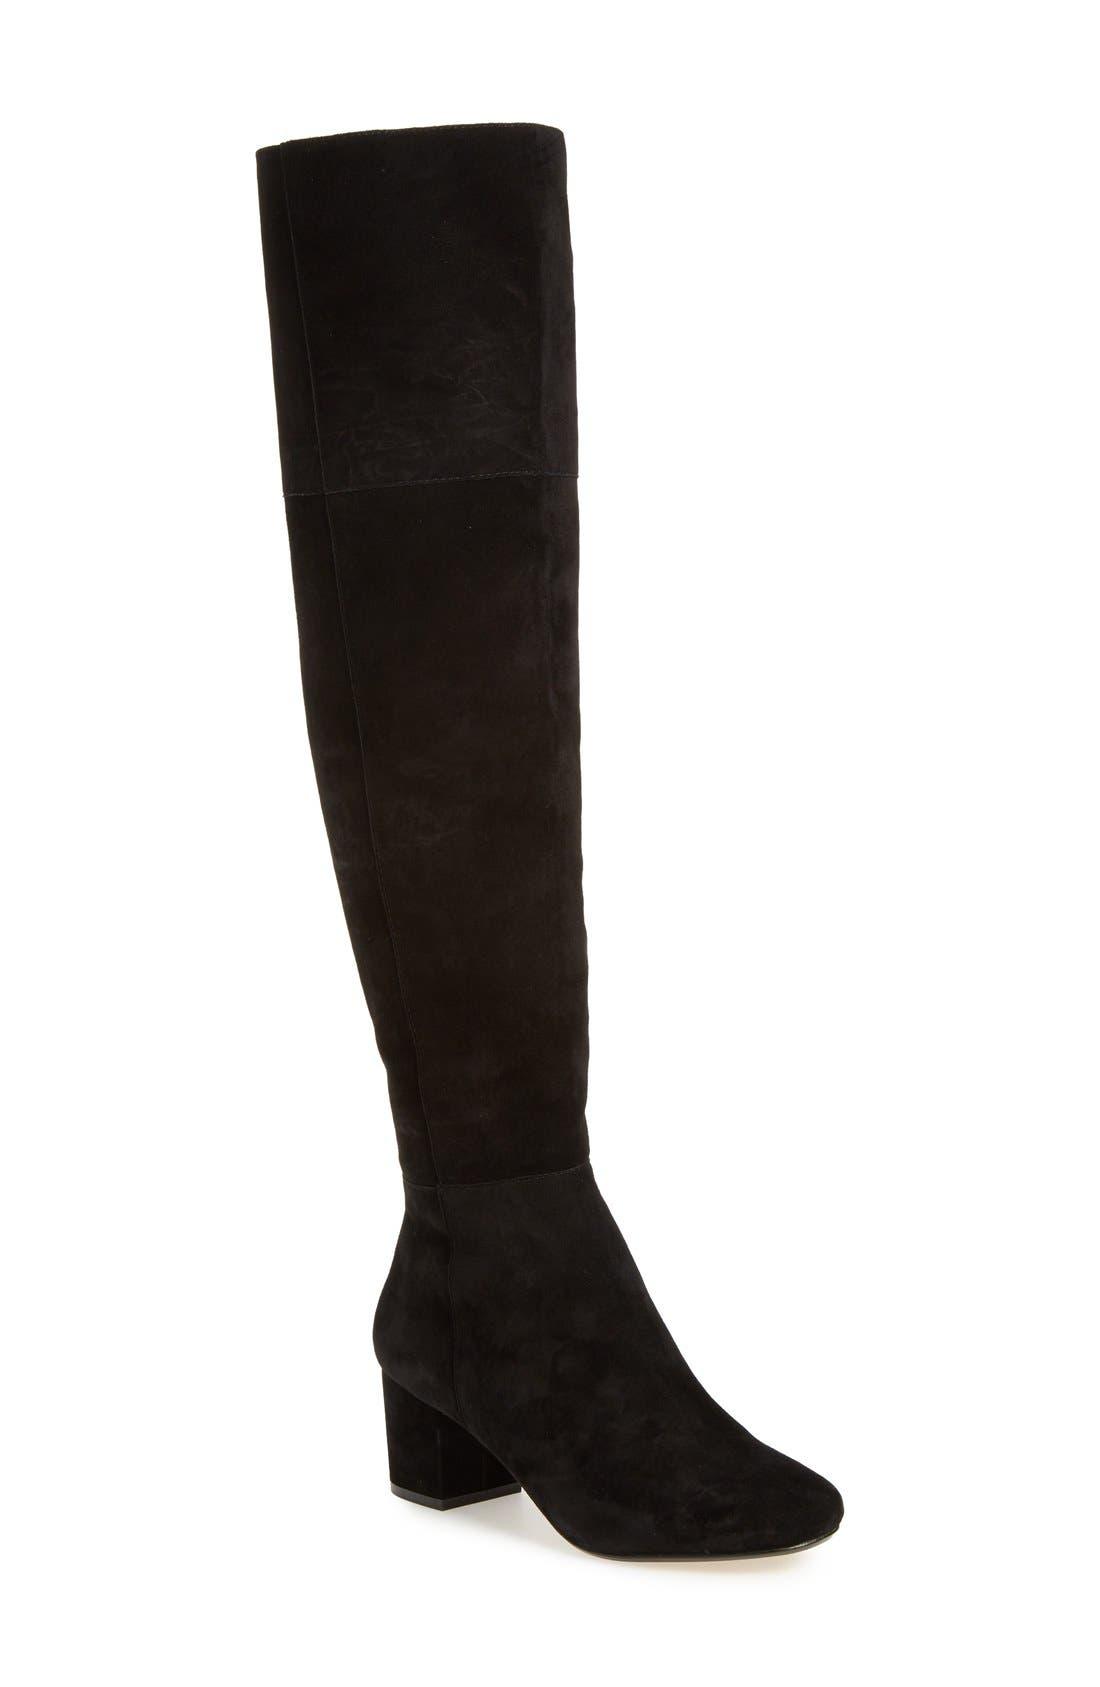 Alternate Image 1 Selected - Dune London 'Sanford' Tall Boot (Women)